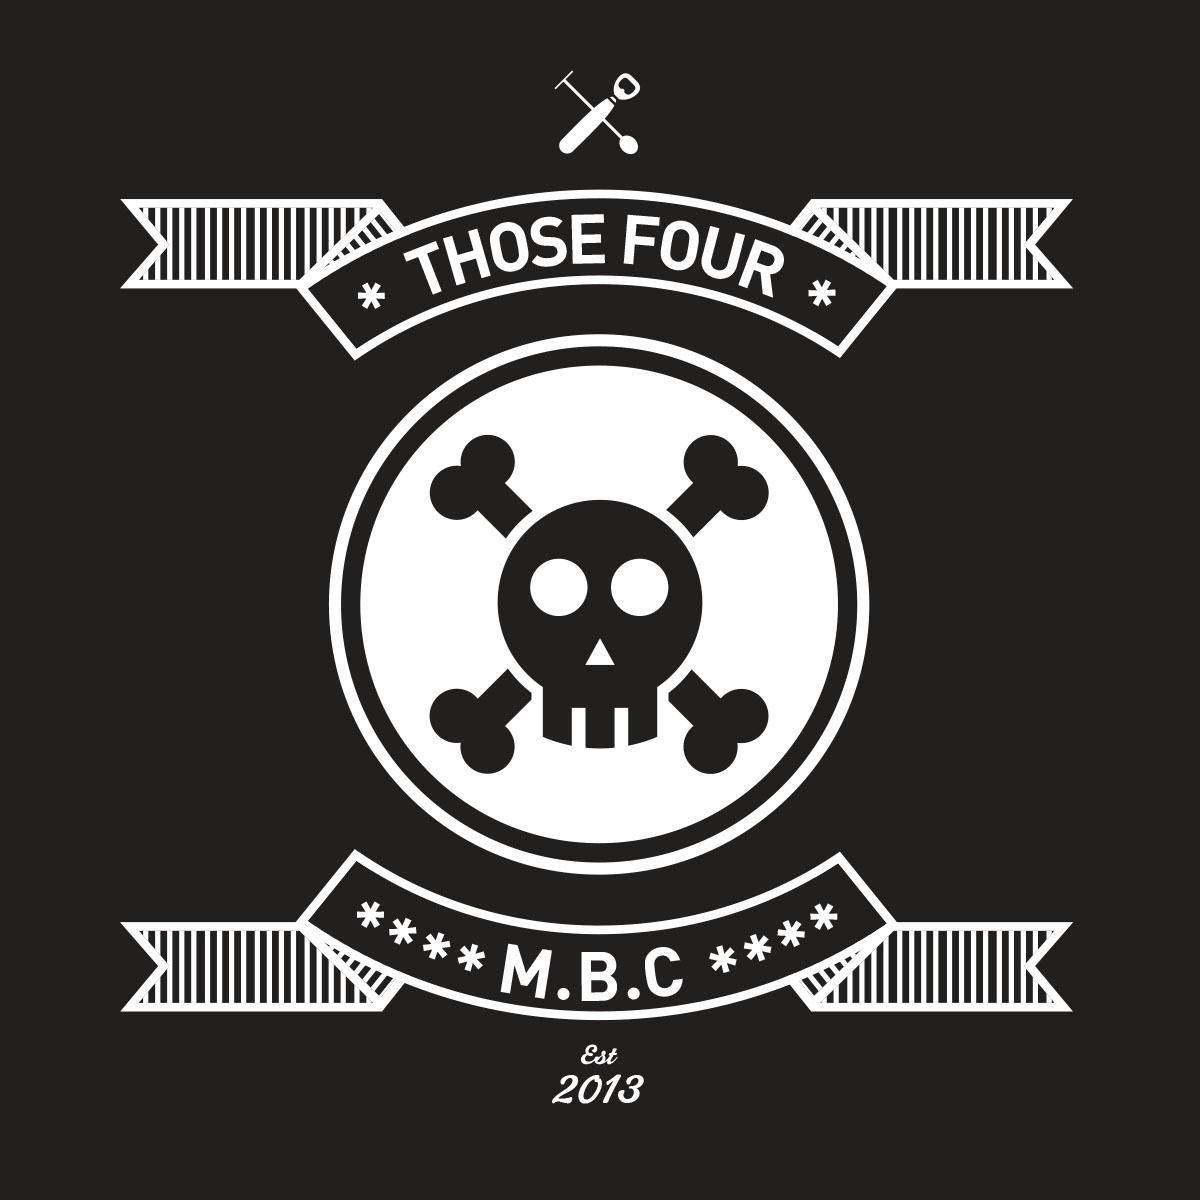 Those Four